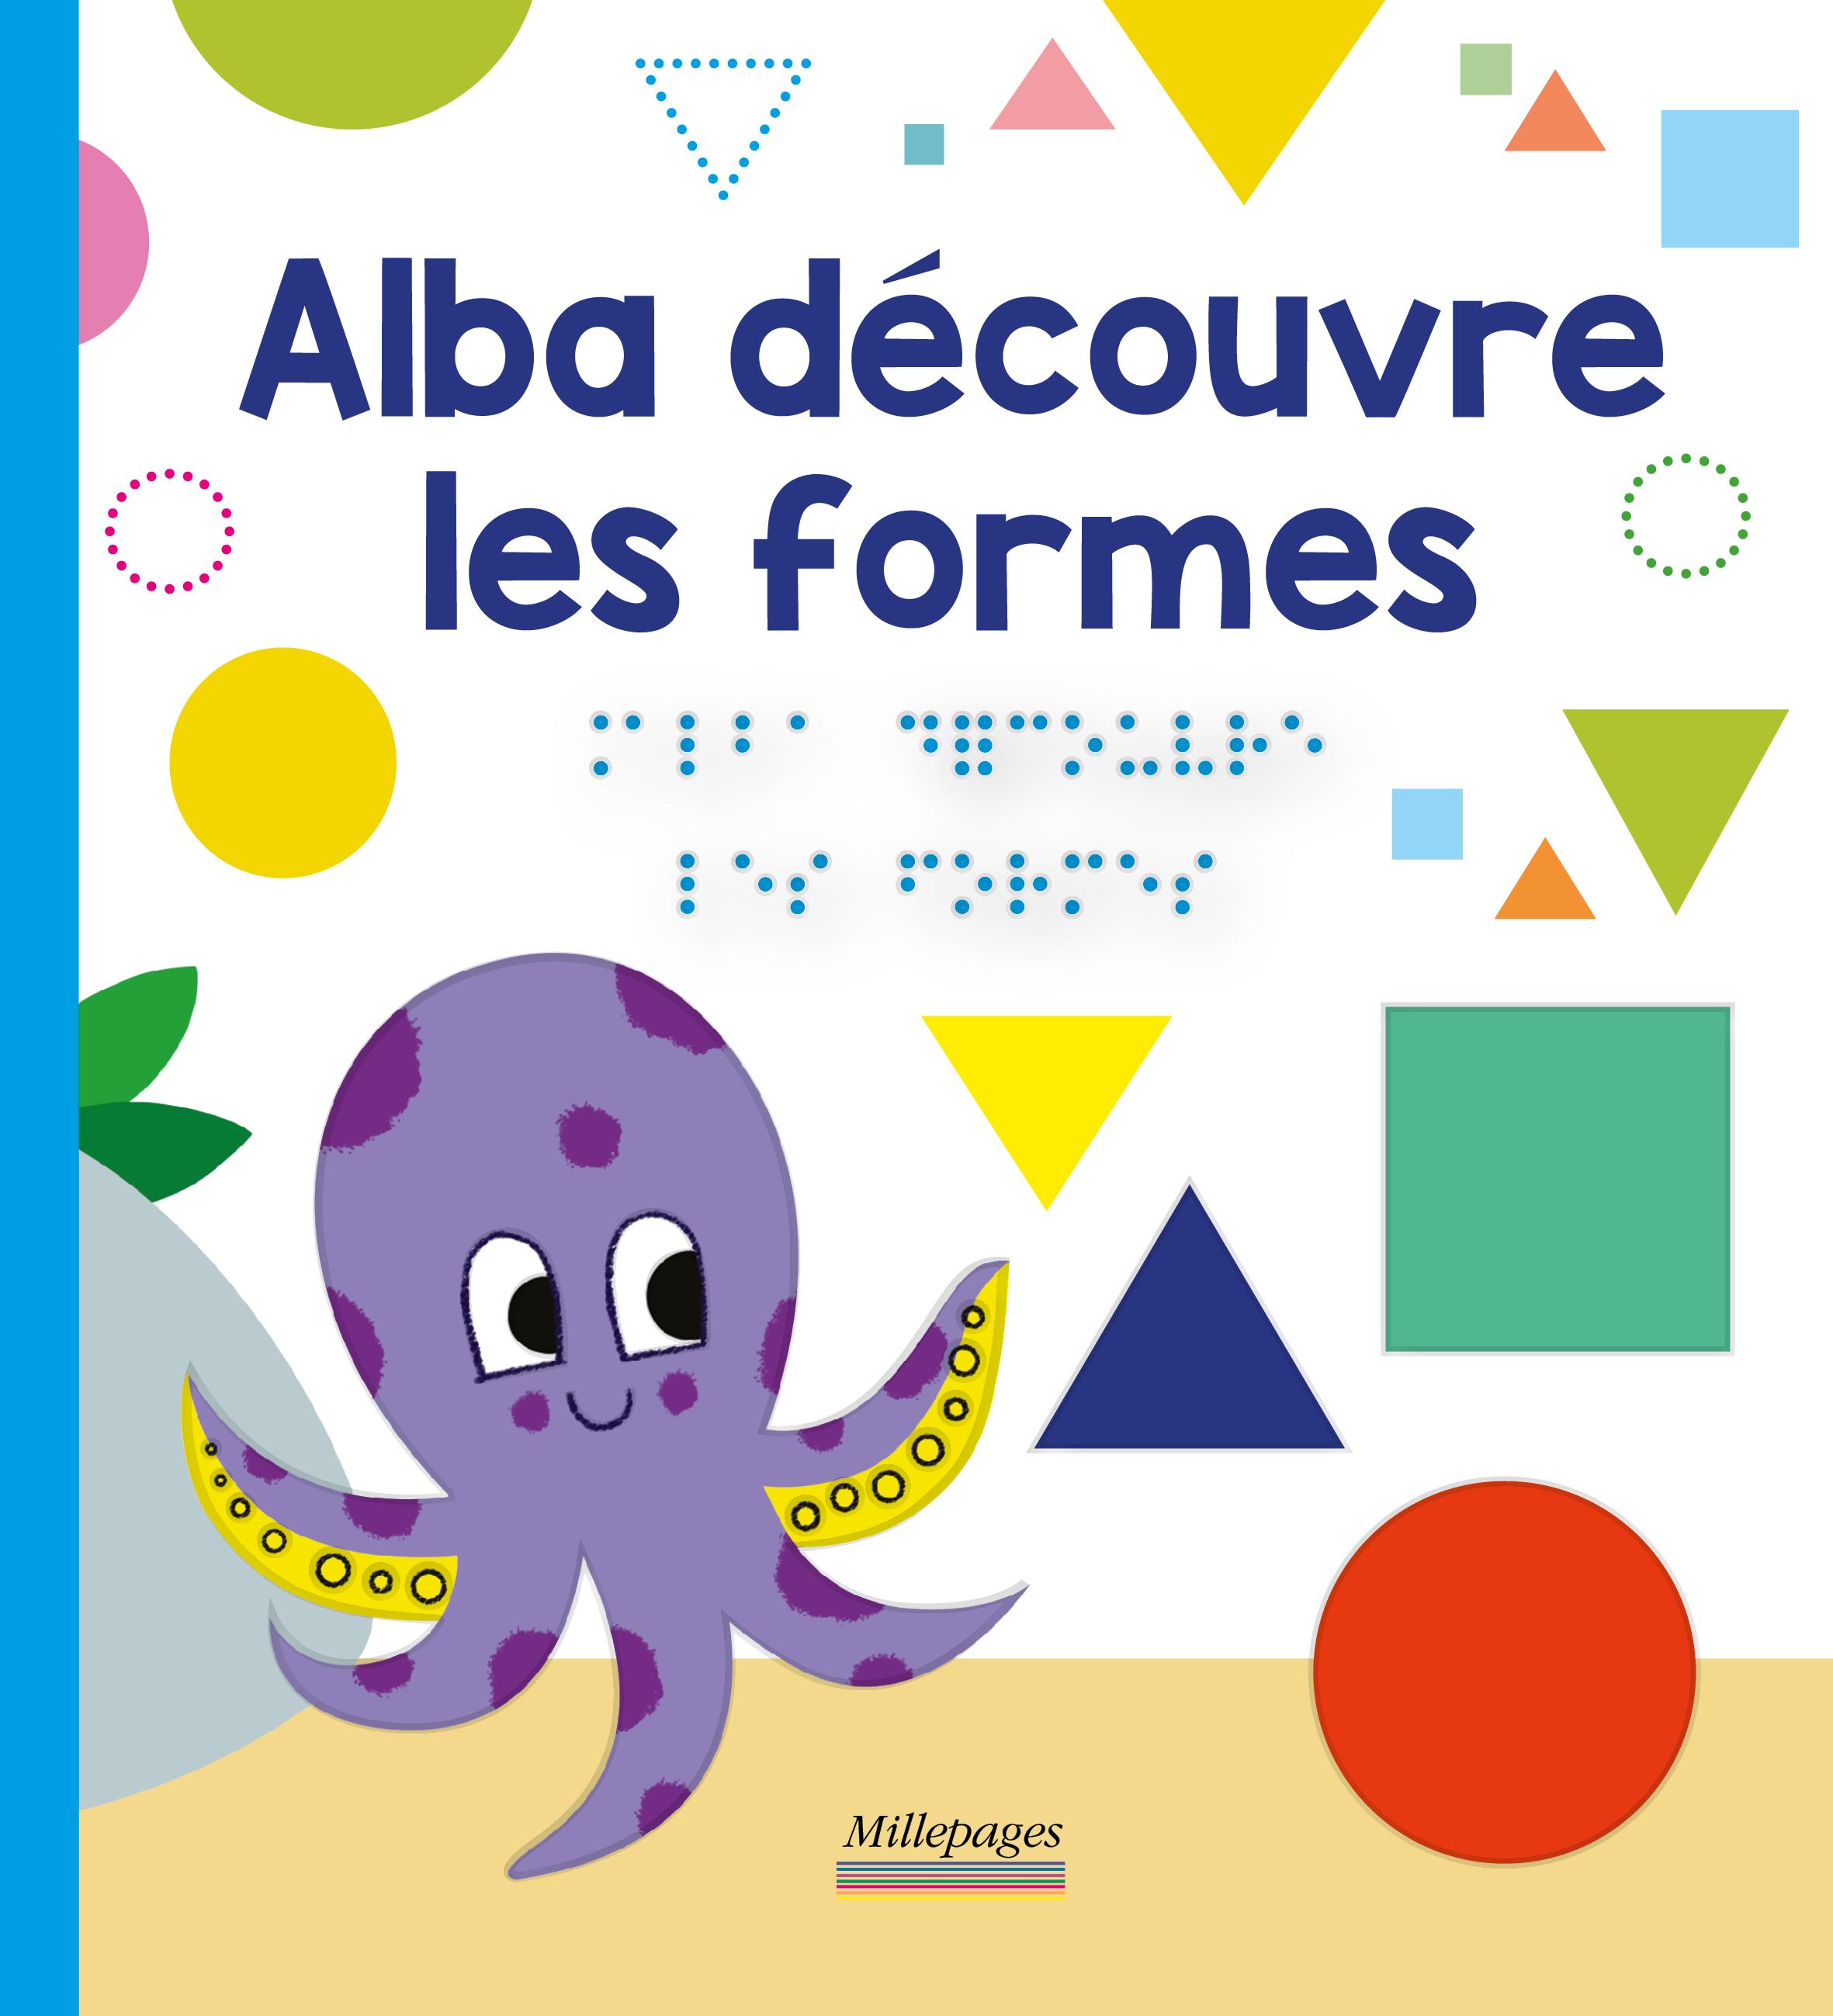 ALBA DECOUVRE LES FORMES